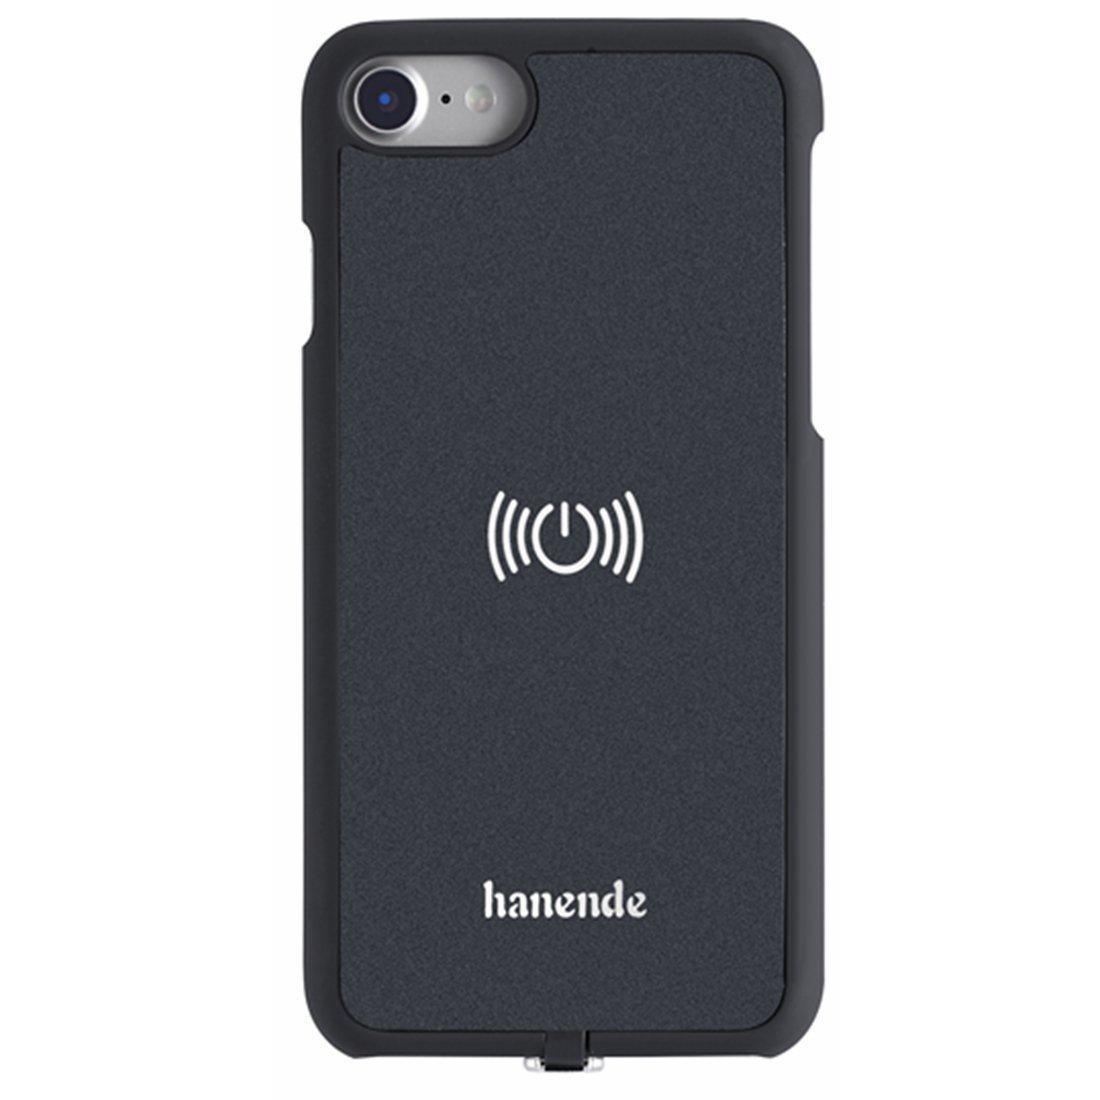 hanende Kit de Cargador Inalámbrico para iPhone 7, Qi Carga inalámbrica Pad y Receptor inalámbrico para iPhone 7 (Negro)